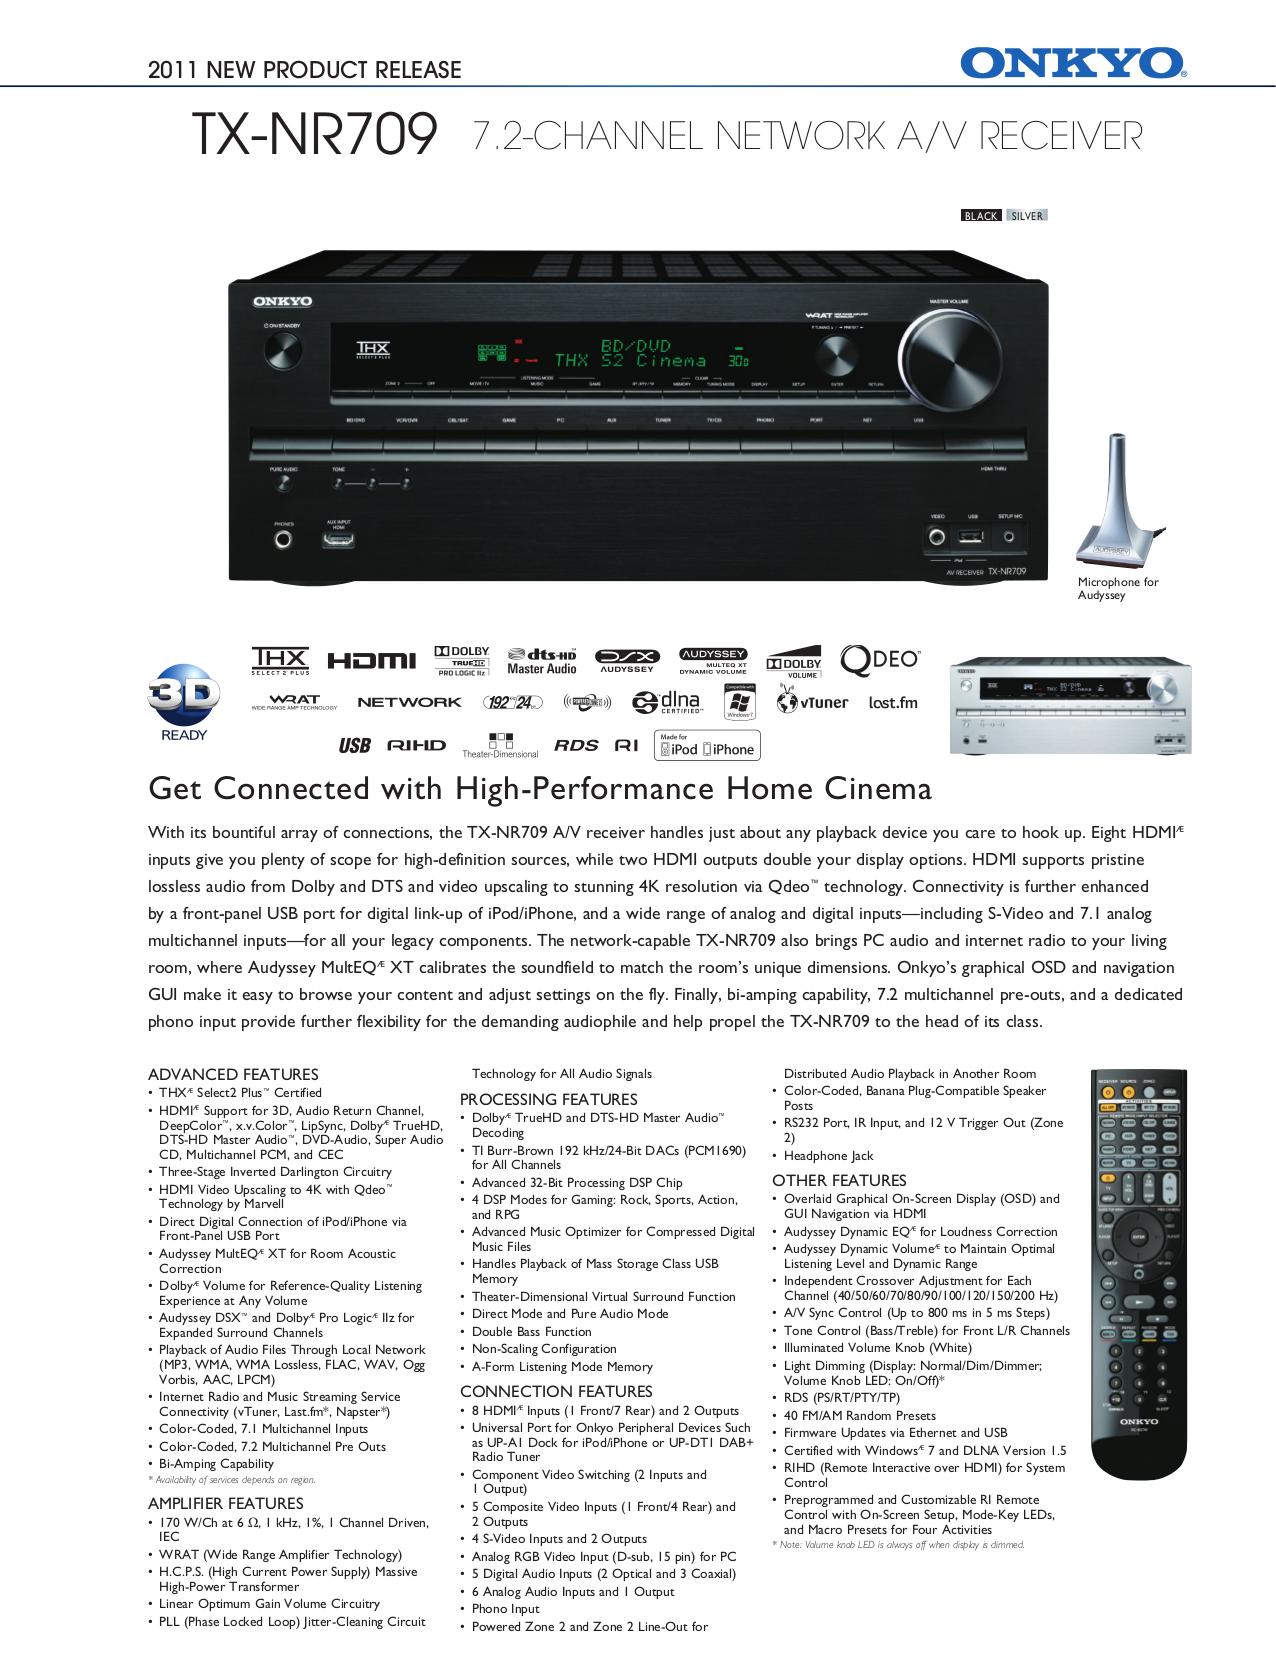 download free pdf for onkyo tx nr709 receiver manual rh umlib com onkyo tx-nr709 service manual onkyo tx-nr709 owners manual